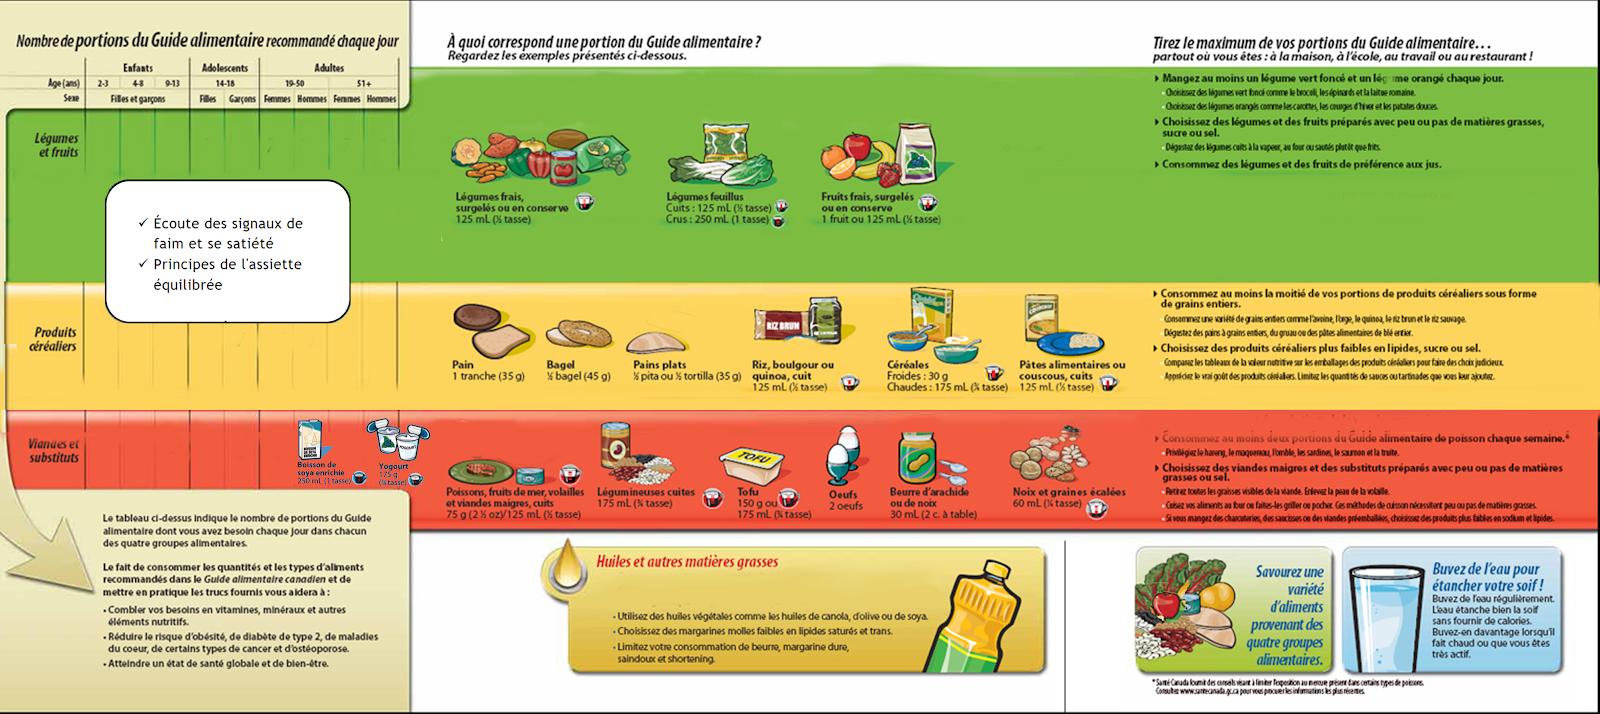 J Avais Raison Ou Non Mes Hypotheses Sur Le Guide Alimentaire Canadien 2019 Cynthia Marcotte